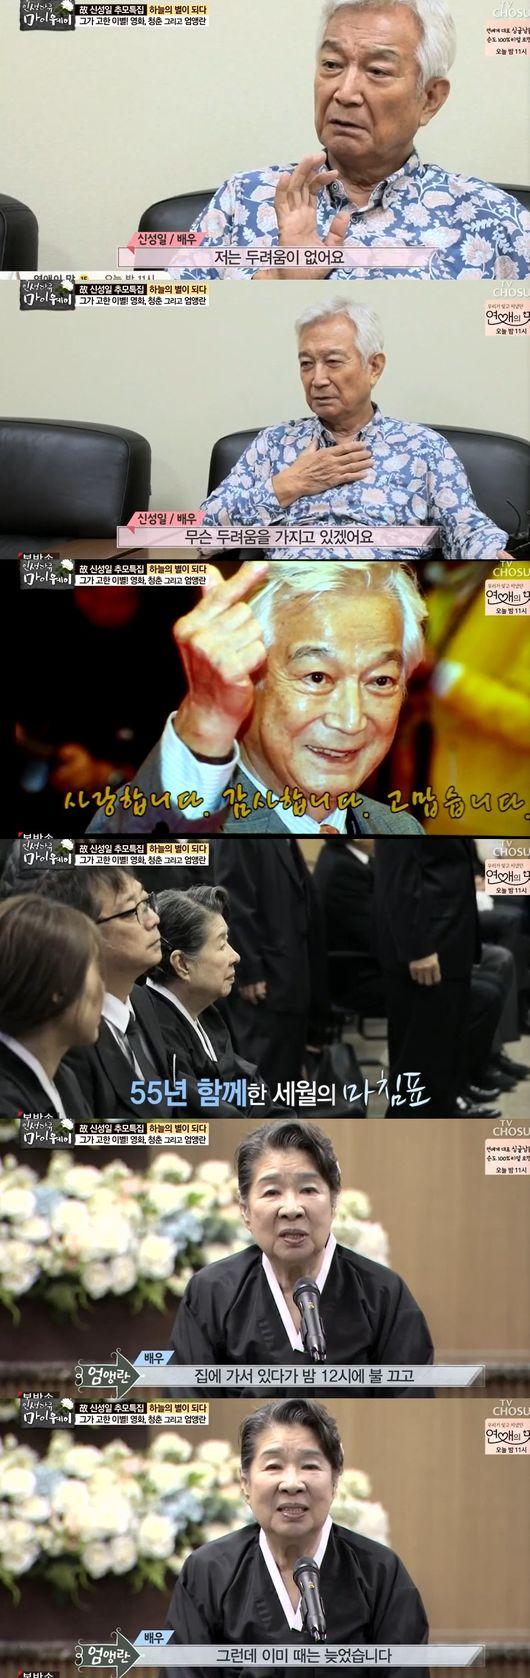 """""""★이된 전설""""'마이웨이' 영화계 거목, 故신성일 '81년史' [어저께TV]"""